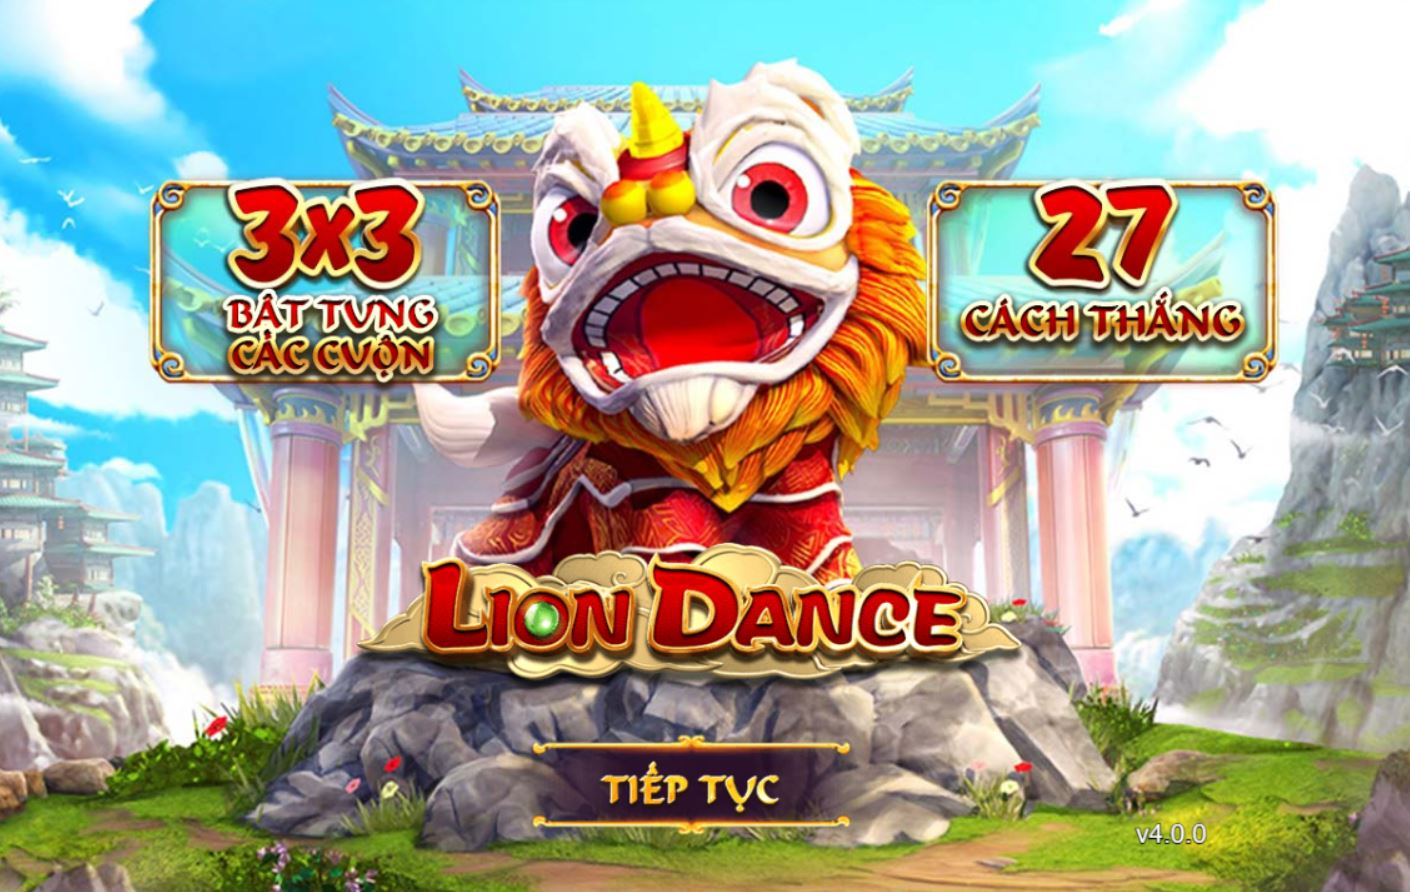 Giới thiệu game quay hũ Lion Dance - Múa lân